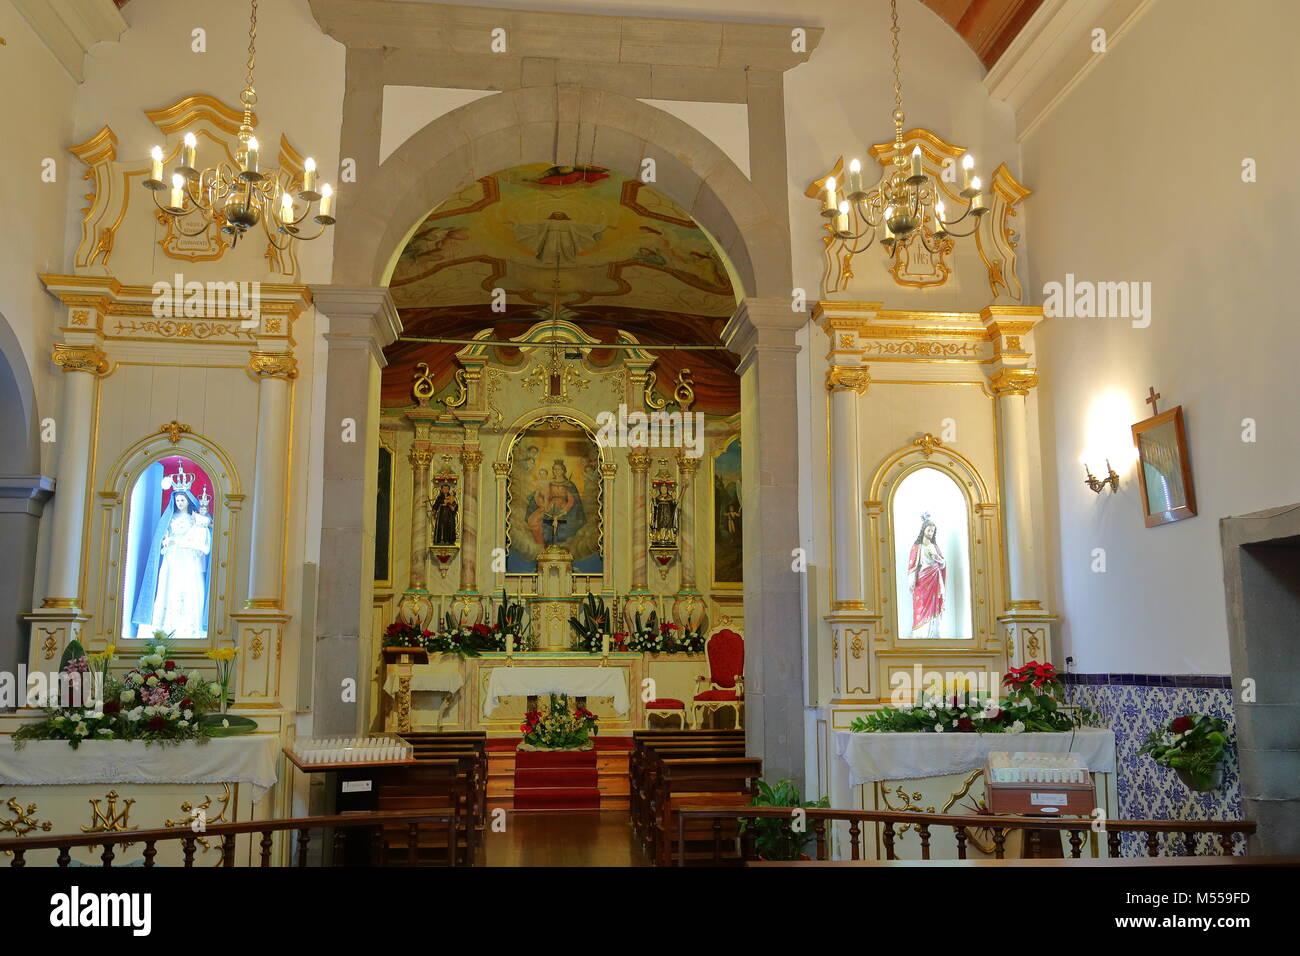 Interior of the church Nossa Senhora do Livrament at Curral das Freiras , Madeira, Portugal - Stock Image